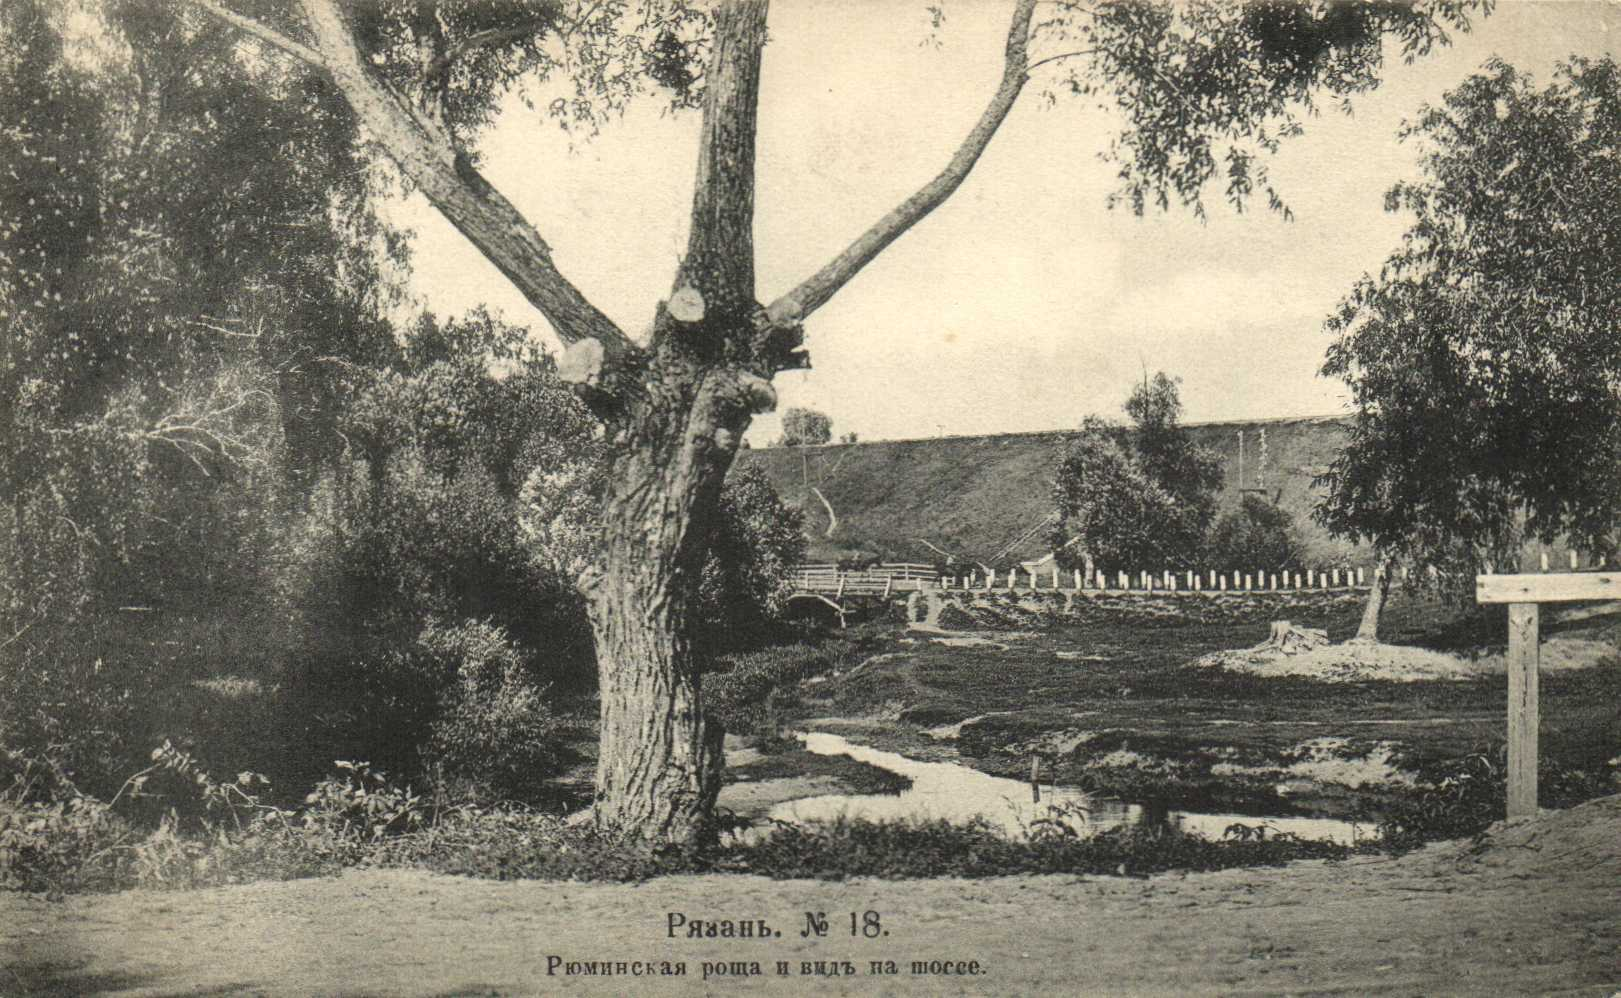 Рюминская роща и вид на шоссе